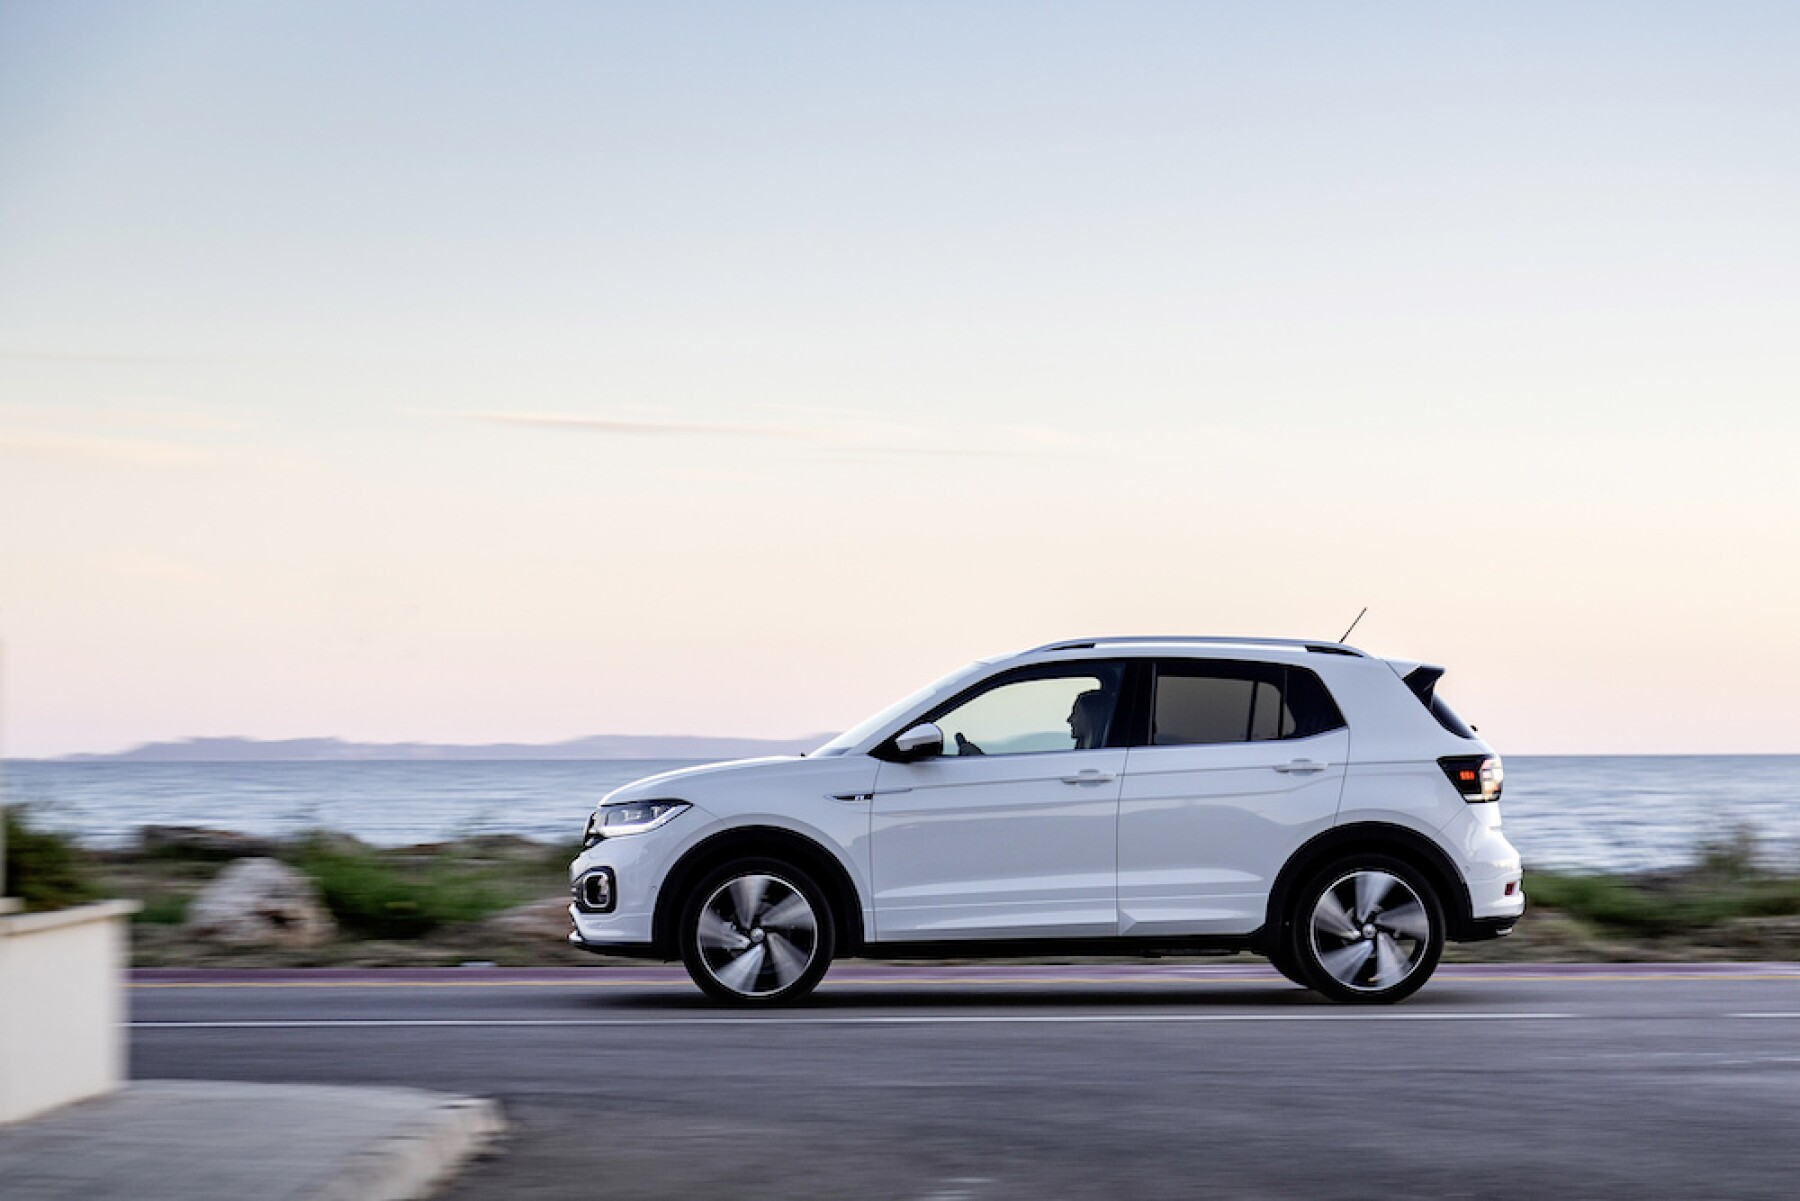 The new Volkswagen T-Cross